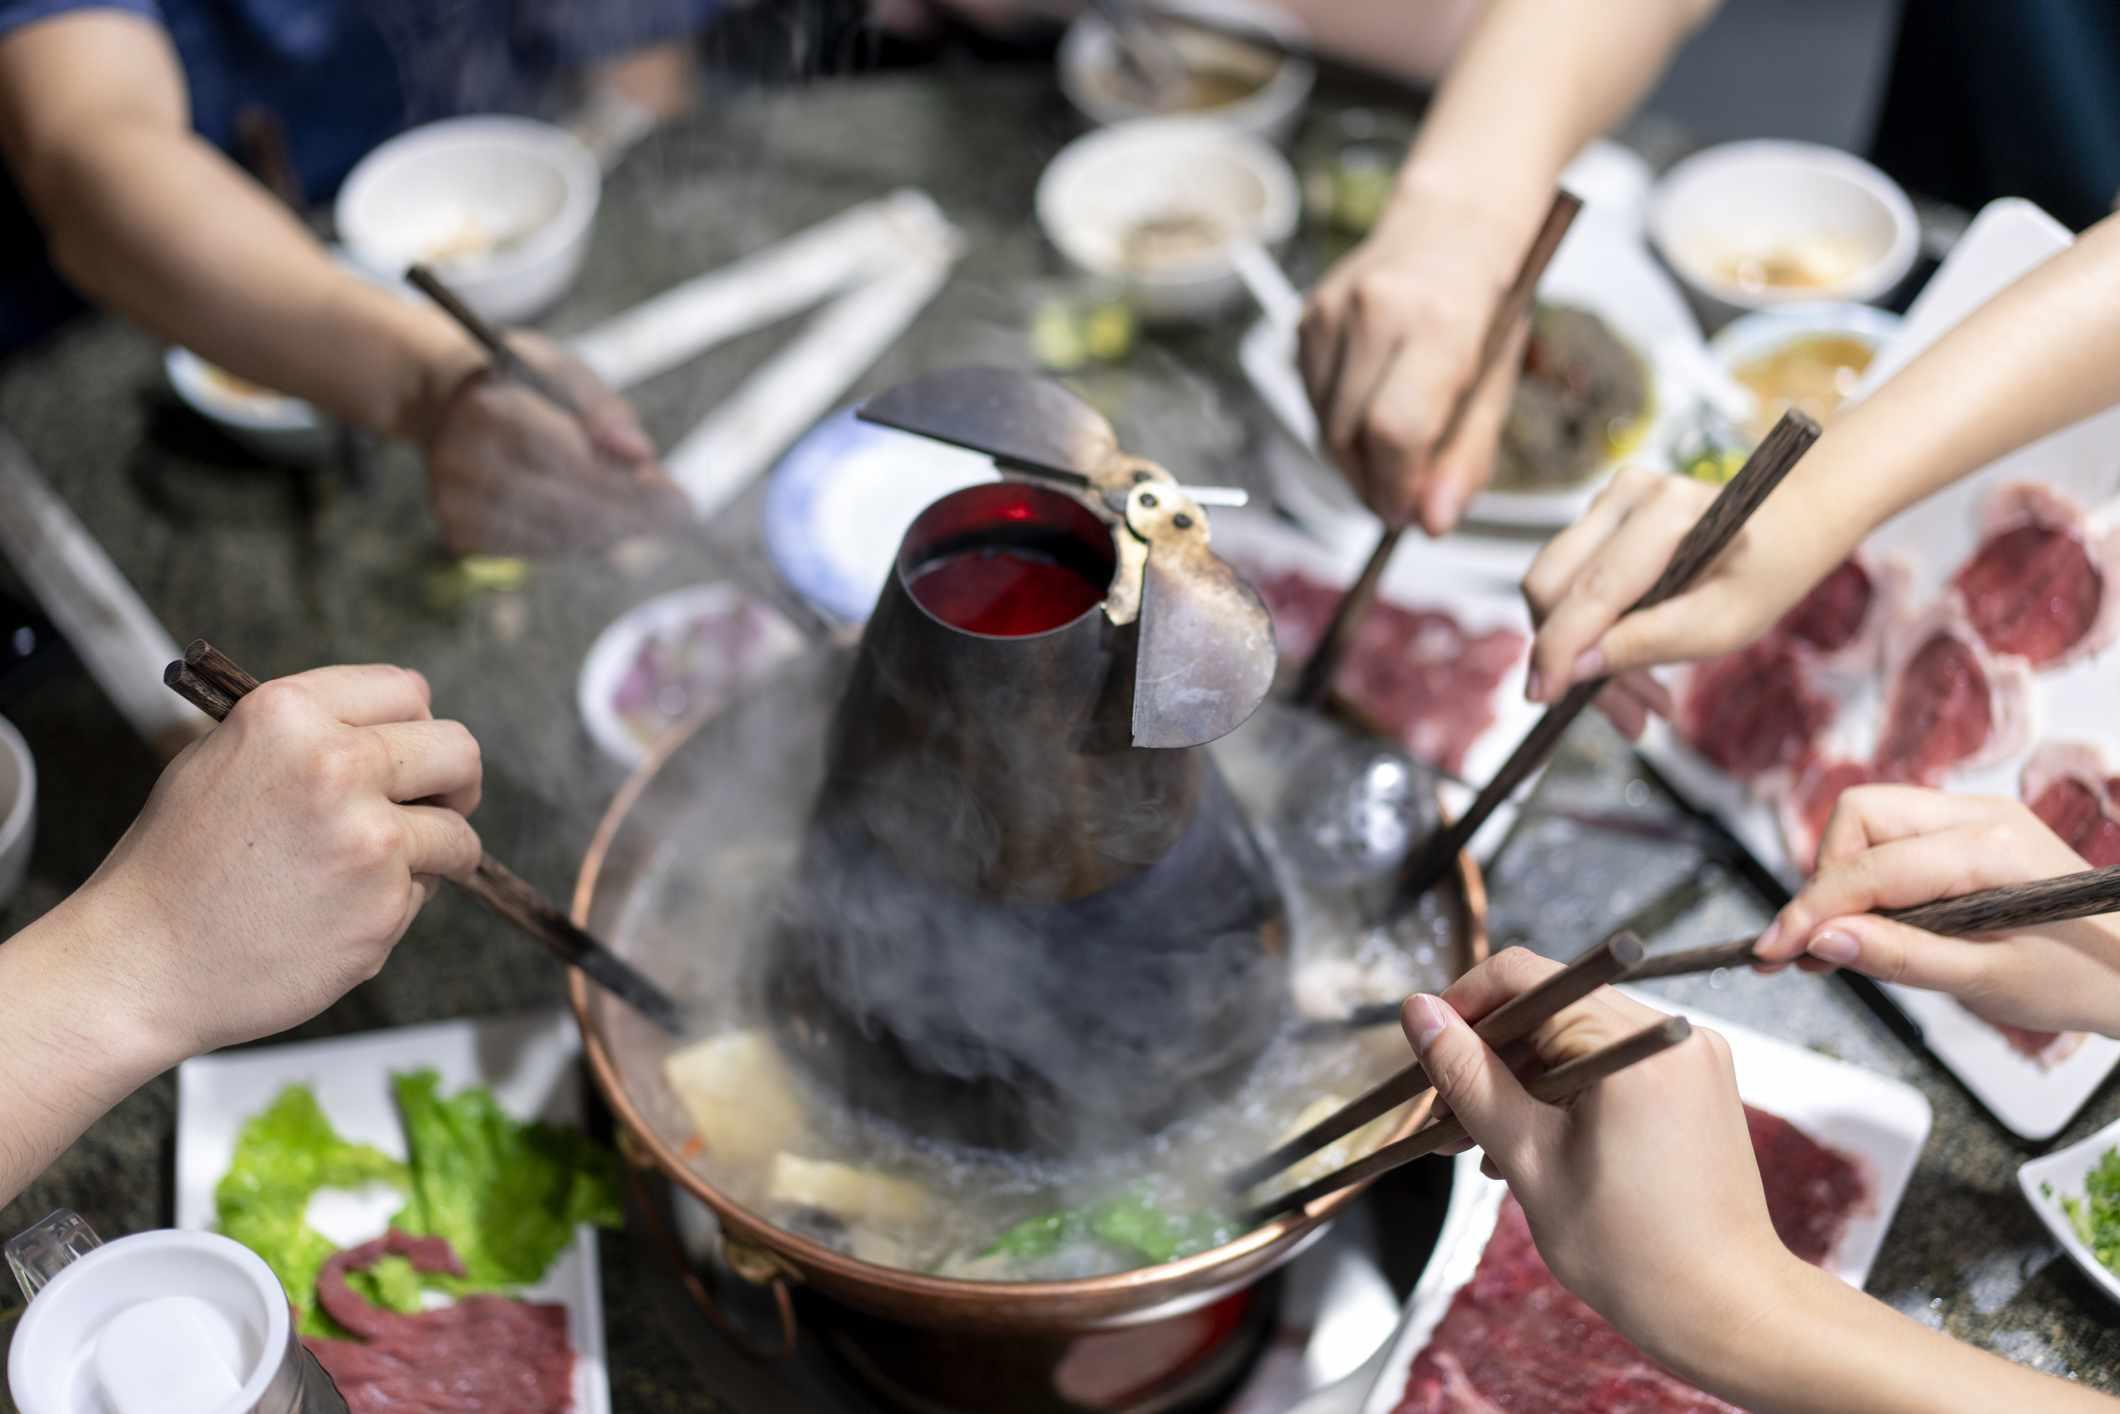 Friends enjoying a hot pot in a restaurant